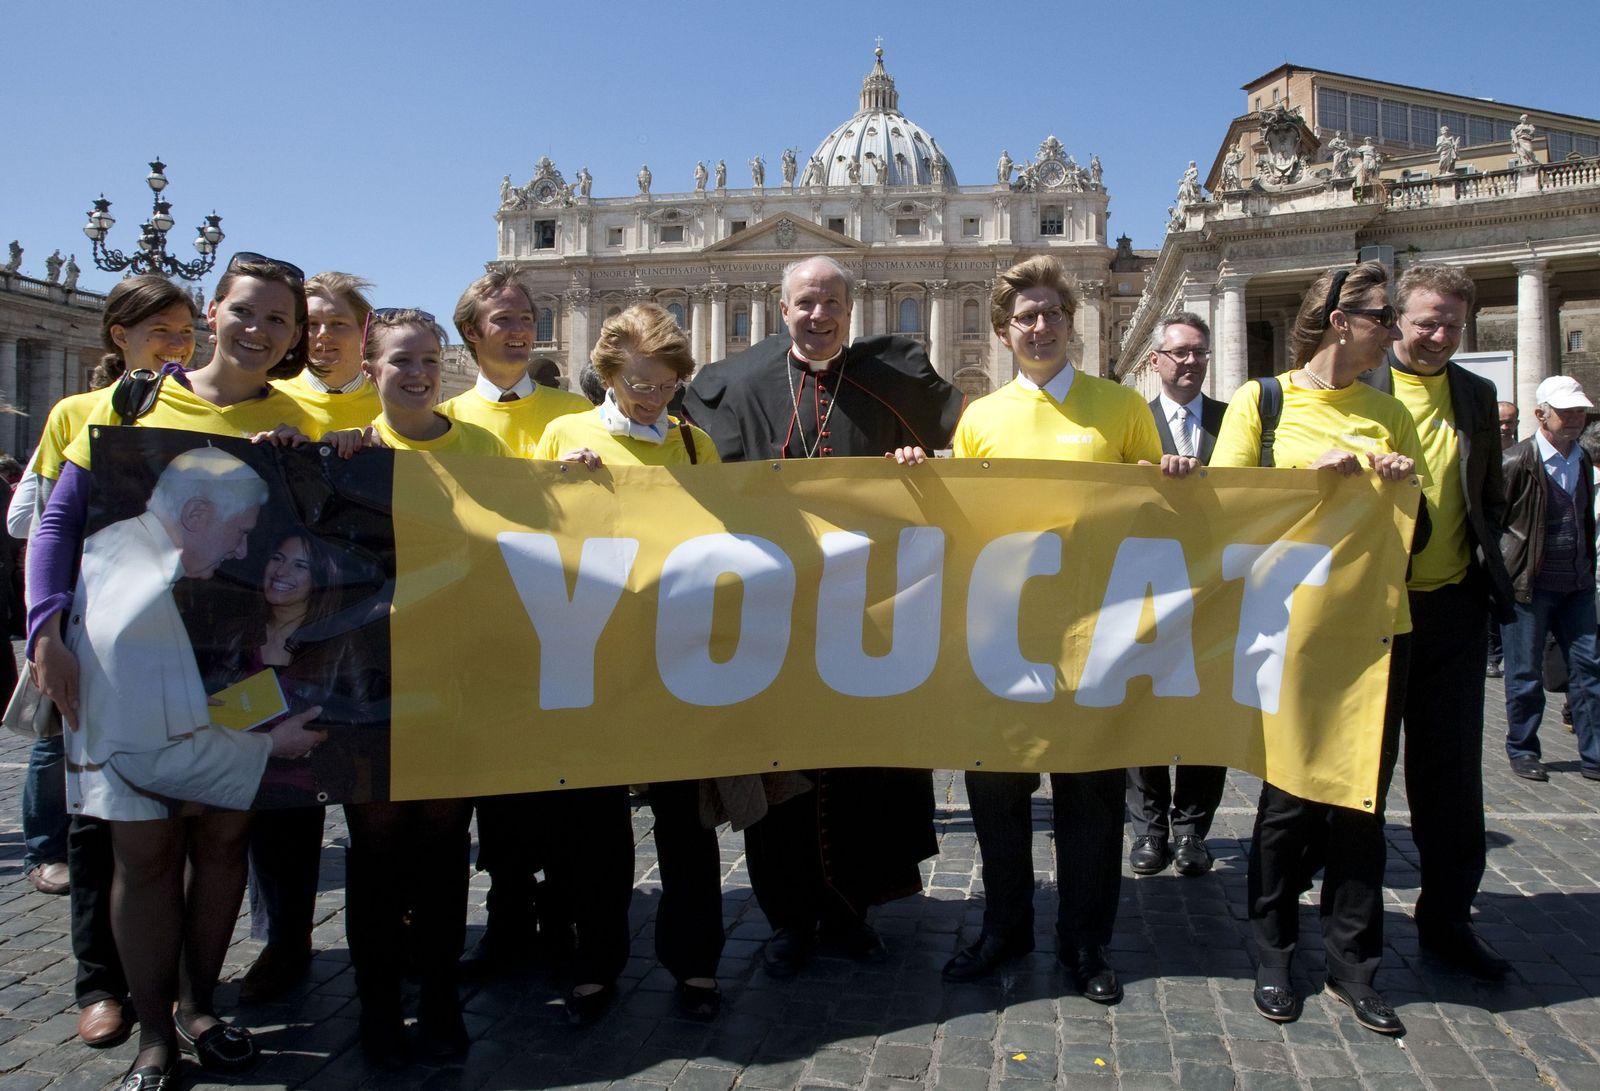 Vatican Youcat